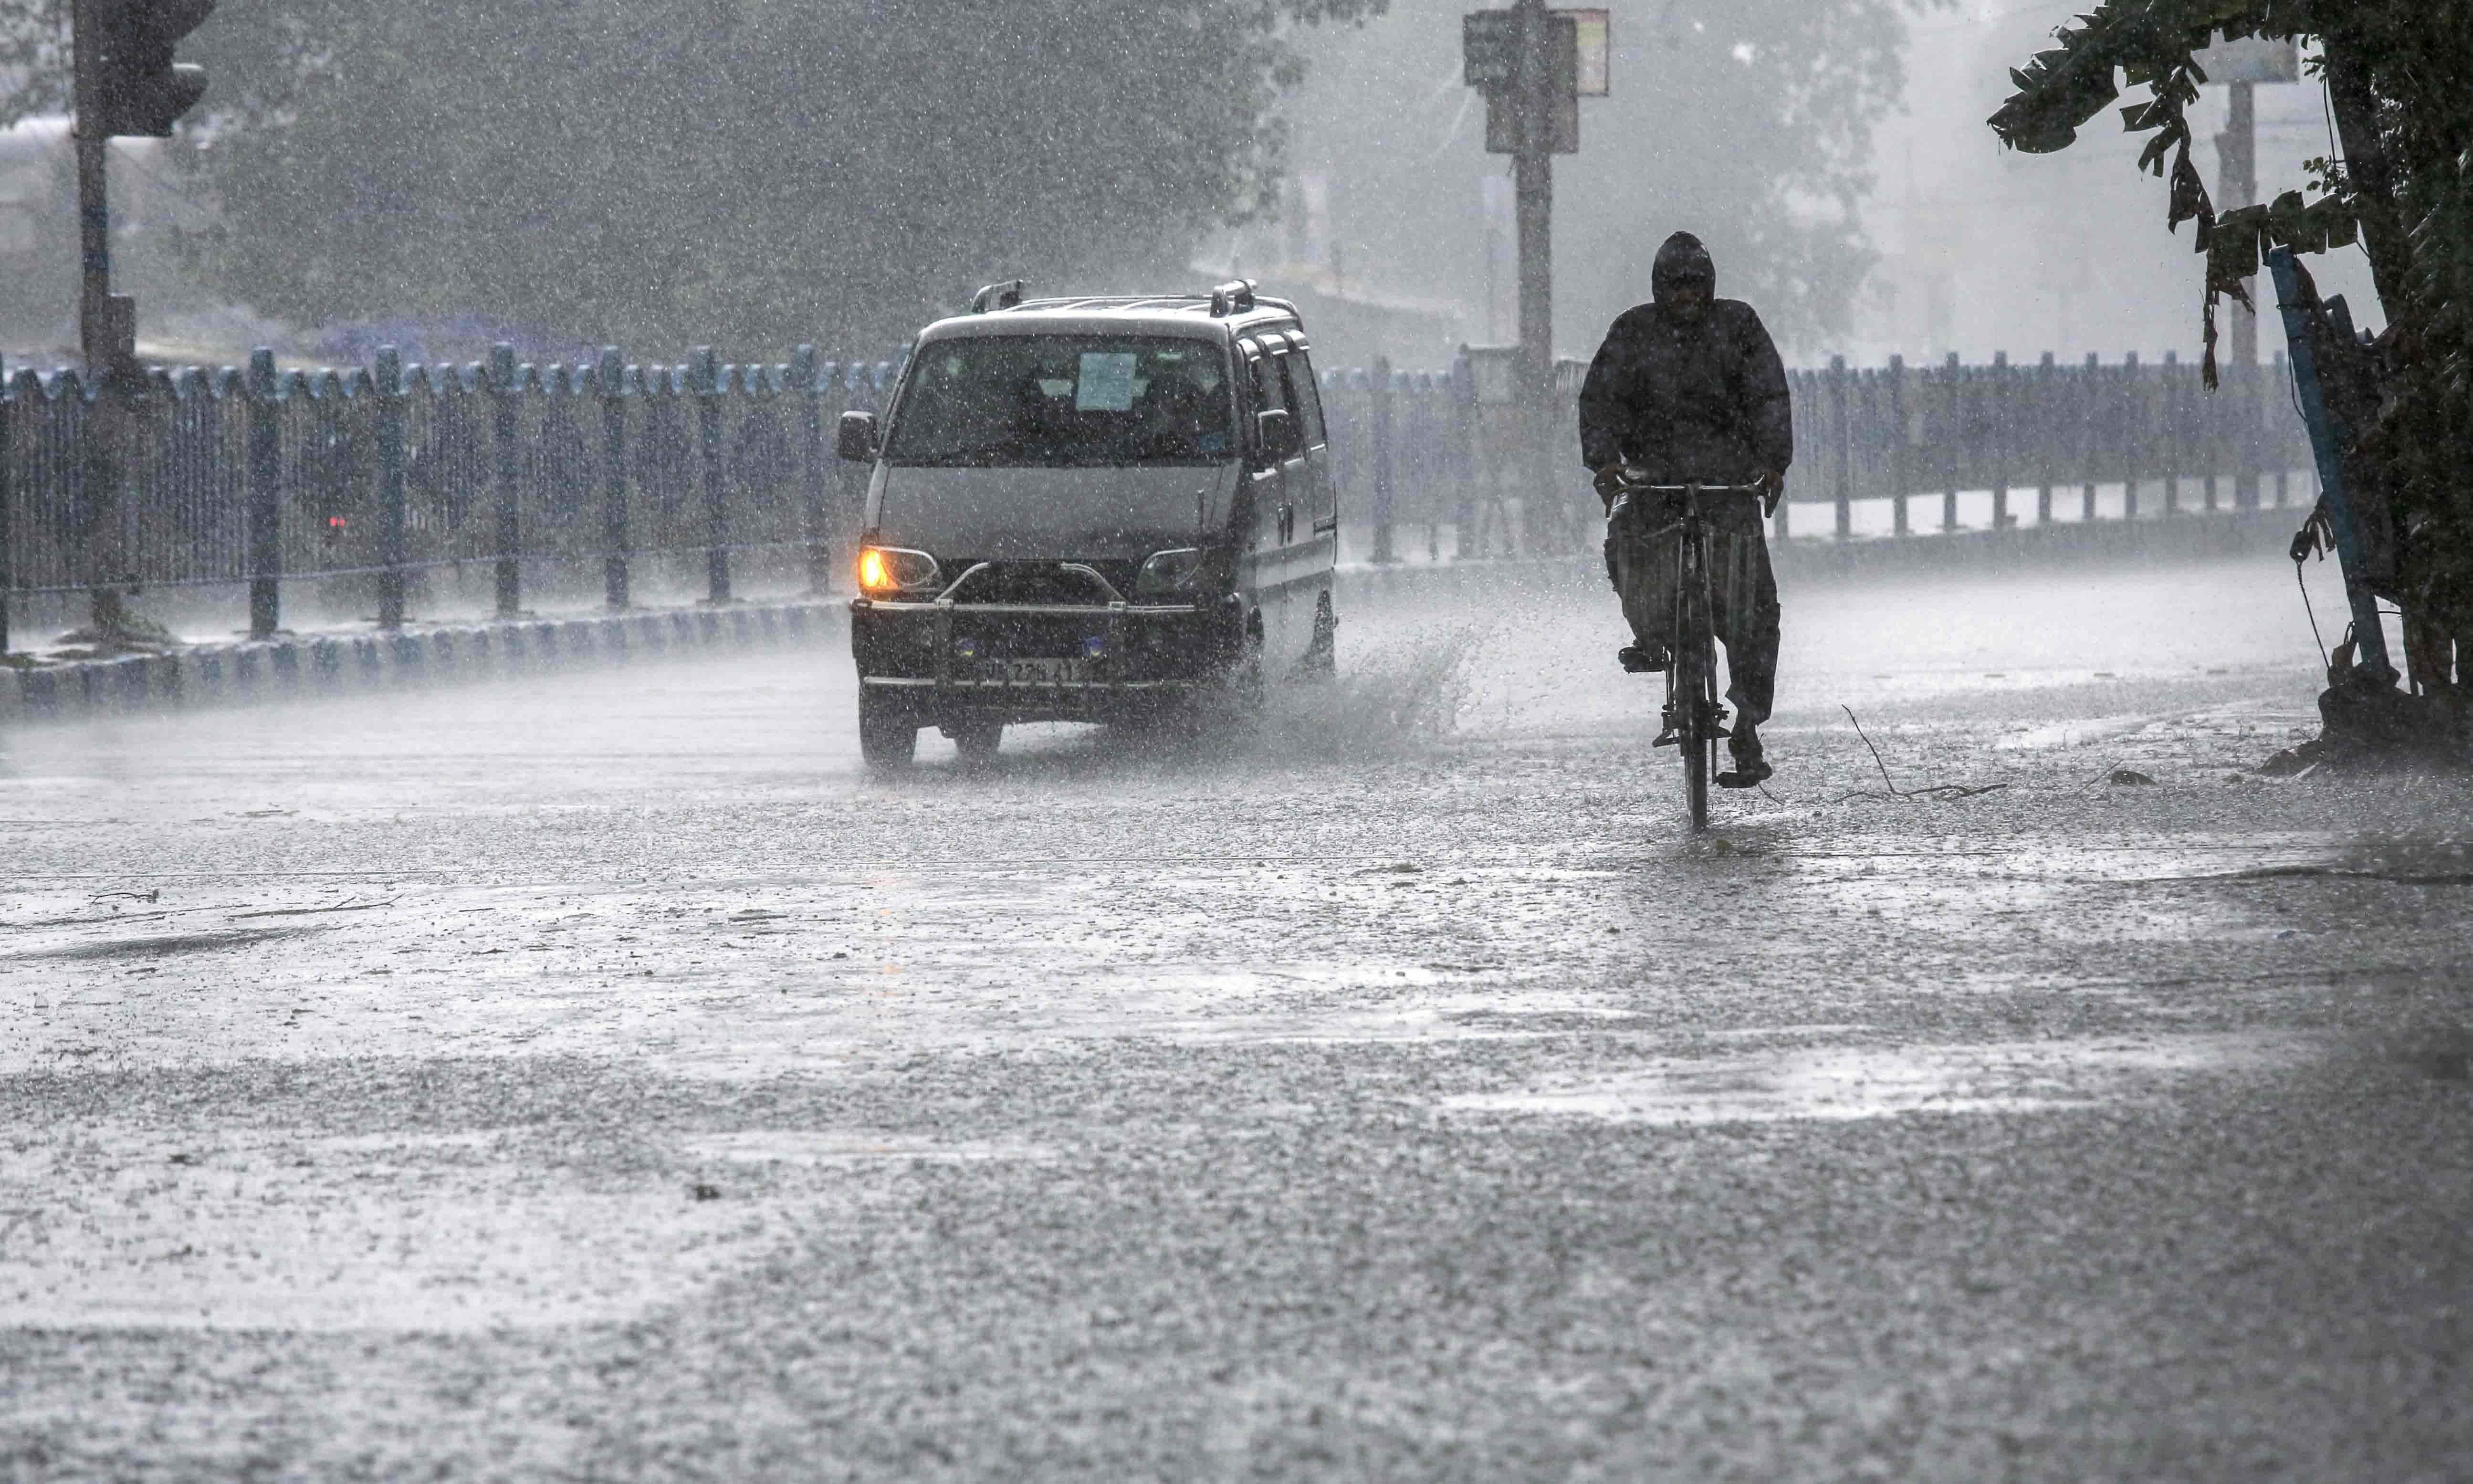 بھارت: طوفان 'یاس' نے ہزاروں گھر تباہ کر دیے، کولکتہ ایئرپورٹ بند